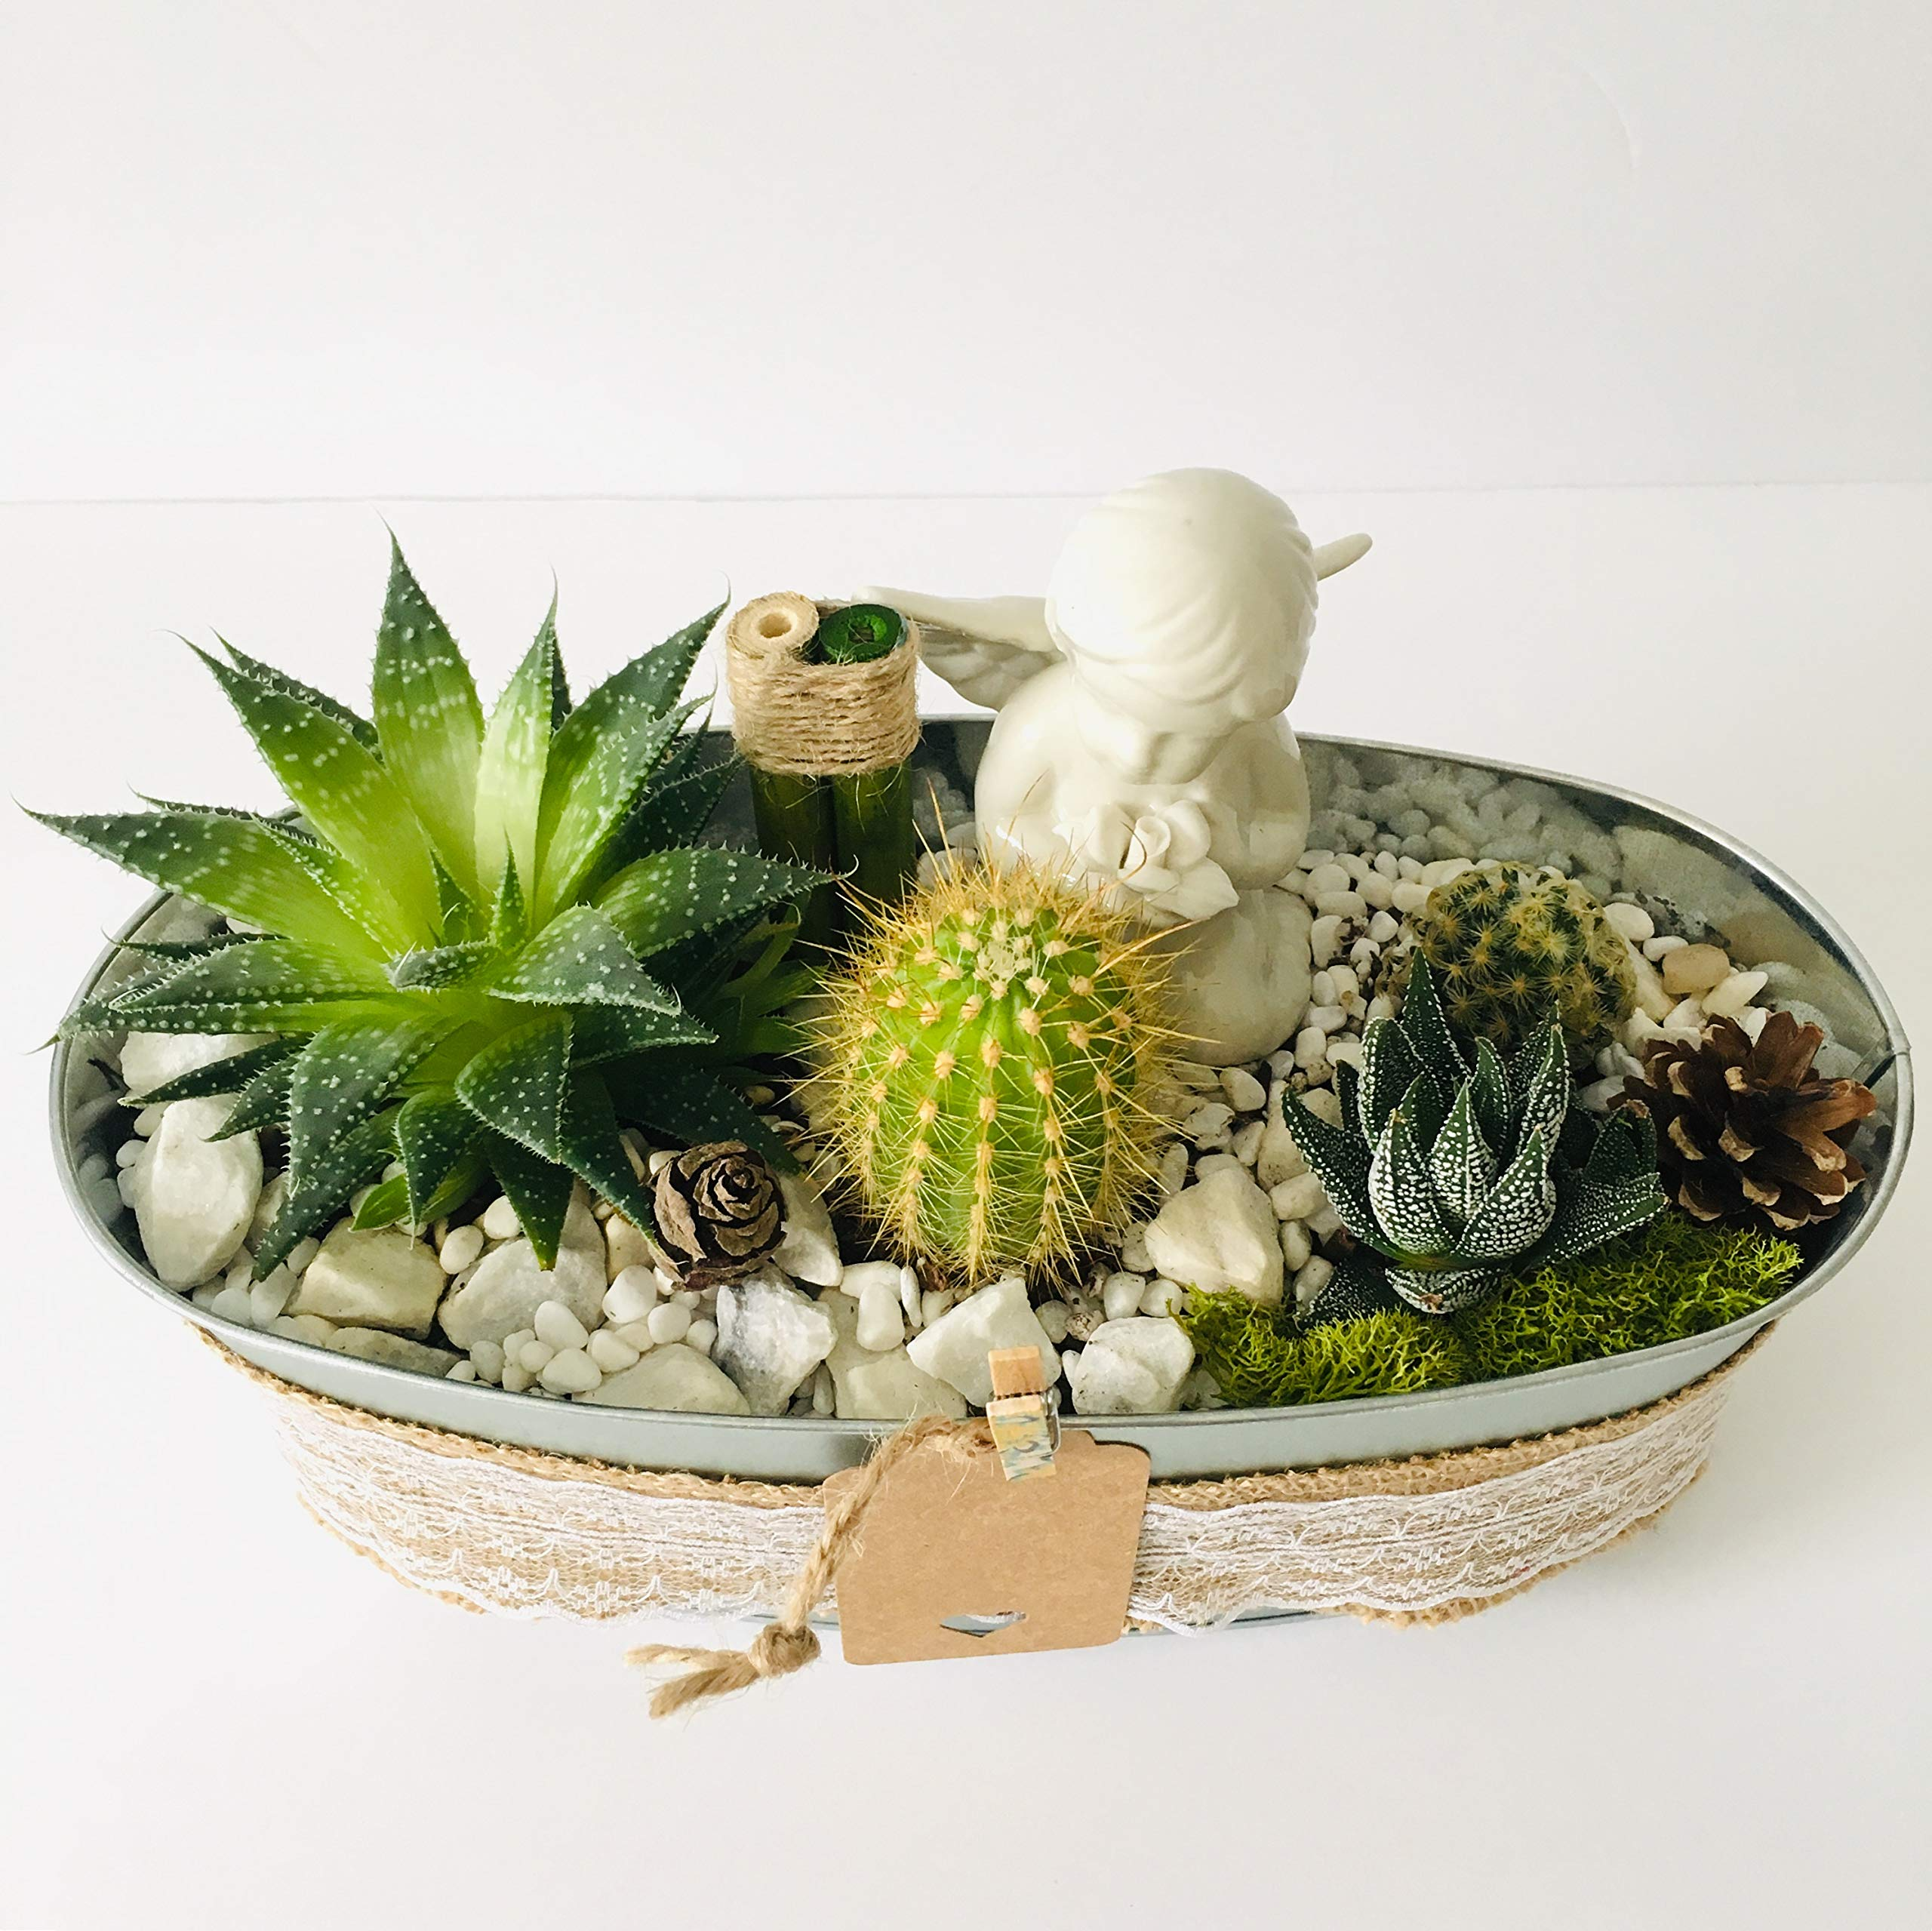 Live Succulent Angel's Garden Arrangement: 1 x 4'' Succulent, 3 x 2'' Succulents/Cacti, Free Gift!!! by Succulent Design Studio (Image #4)